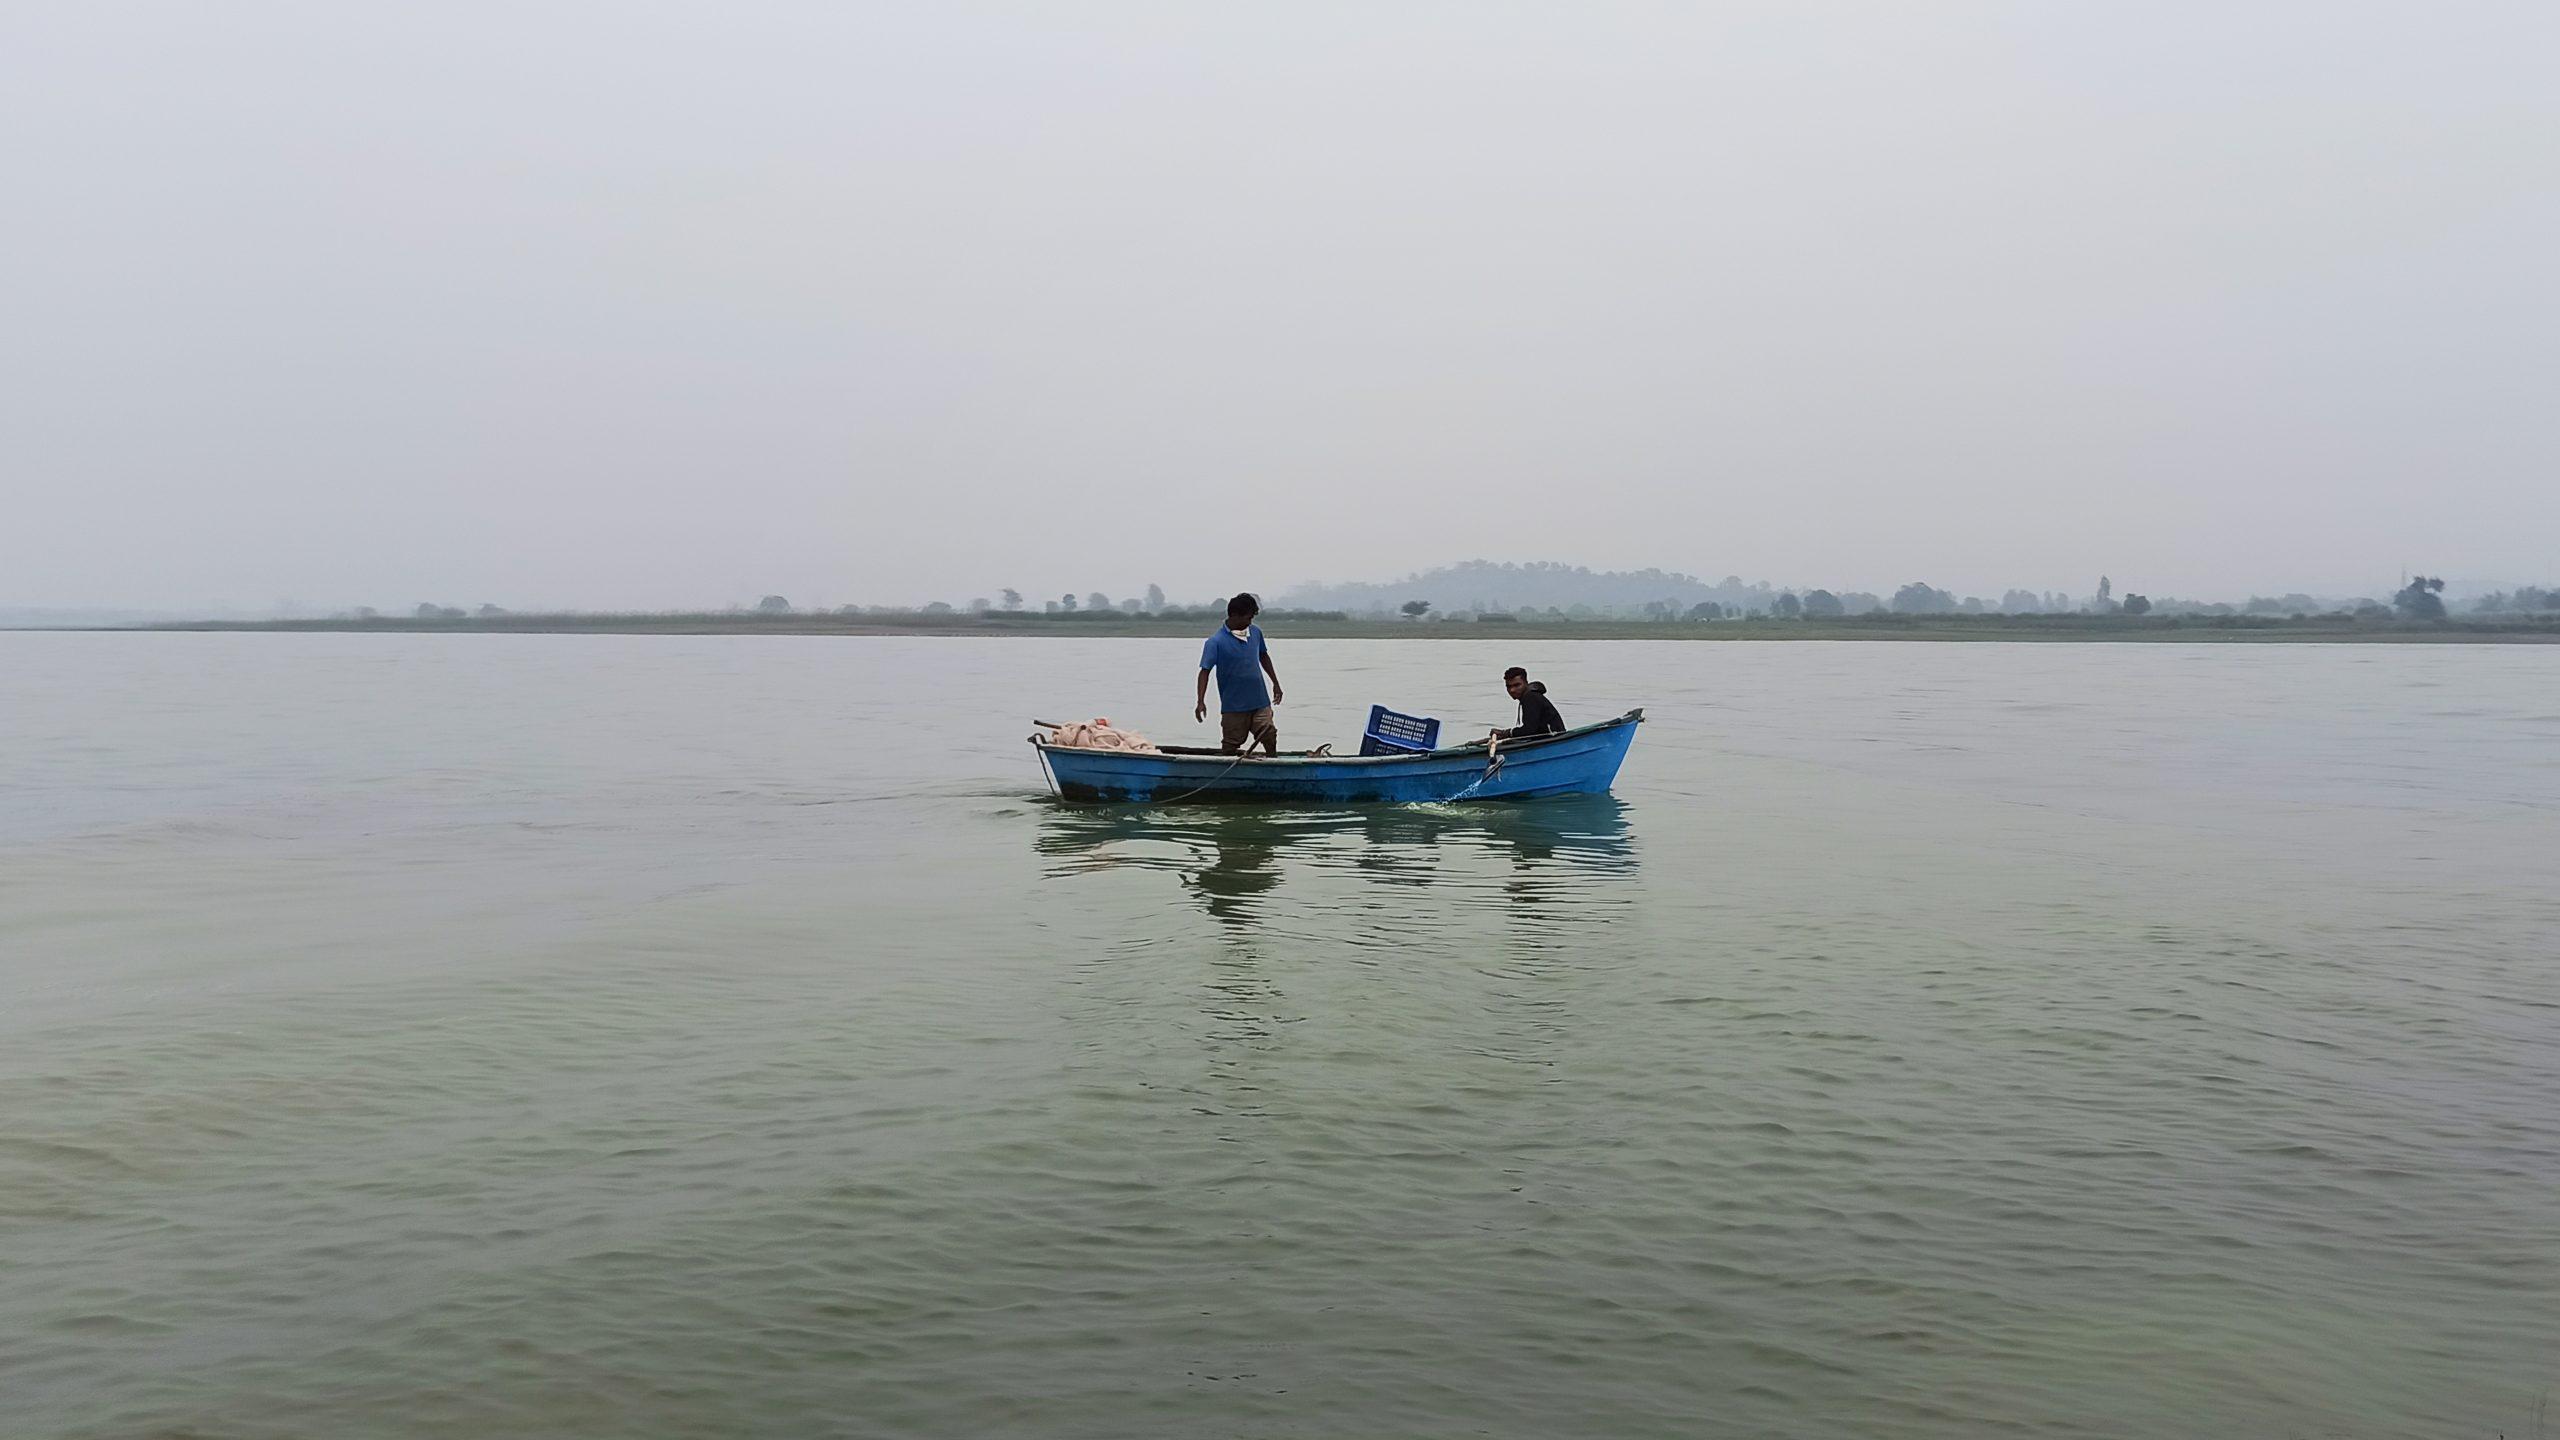 Floating boat in lake